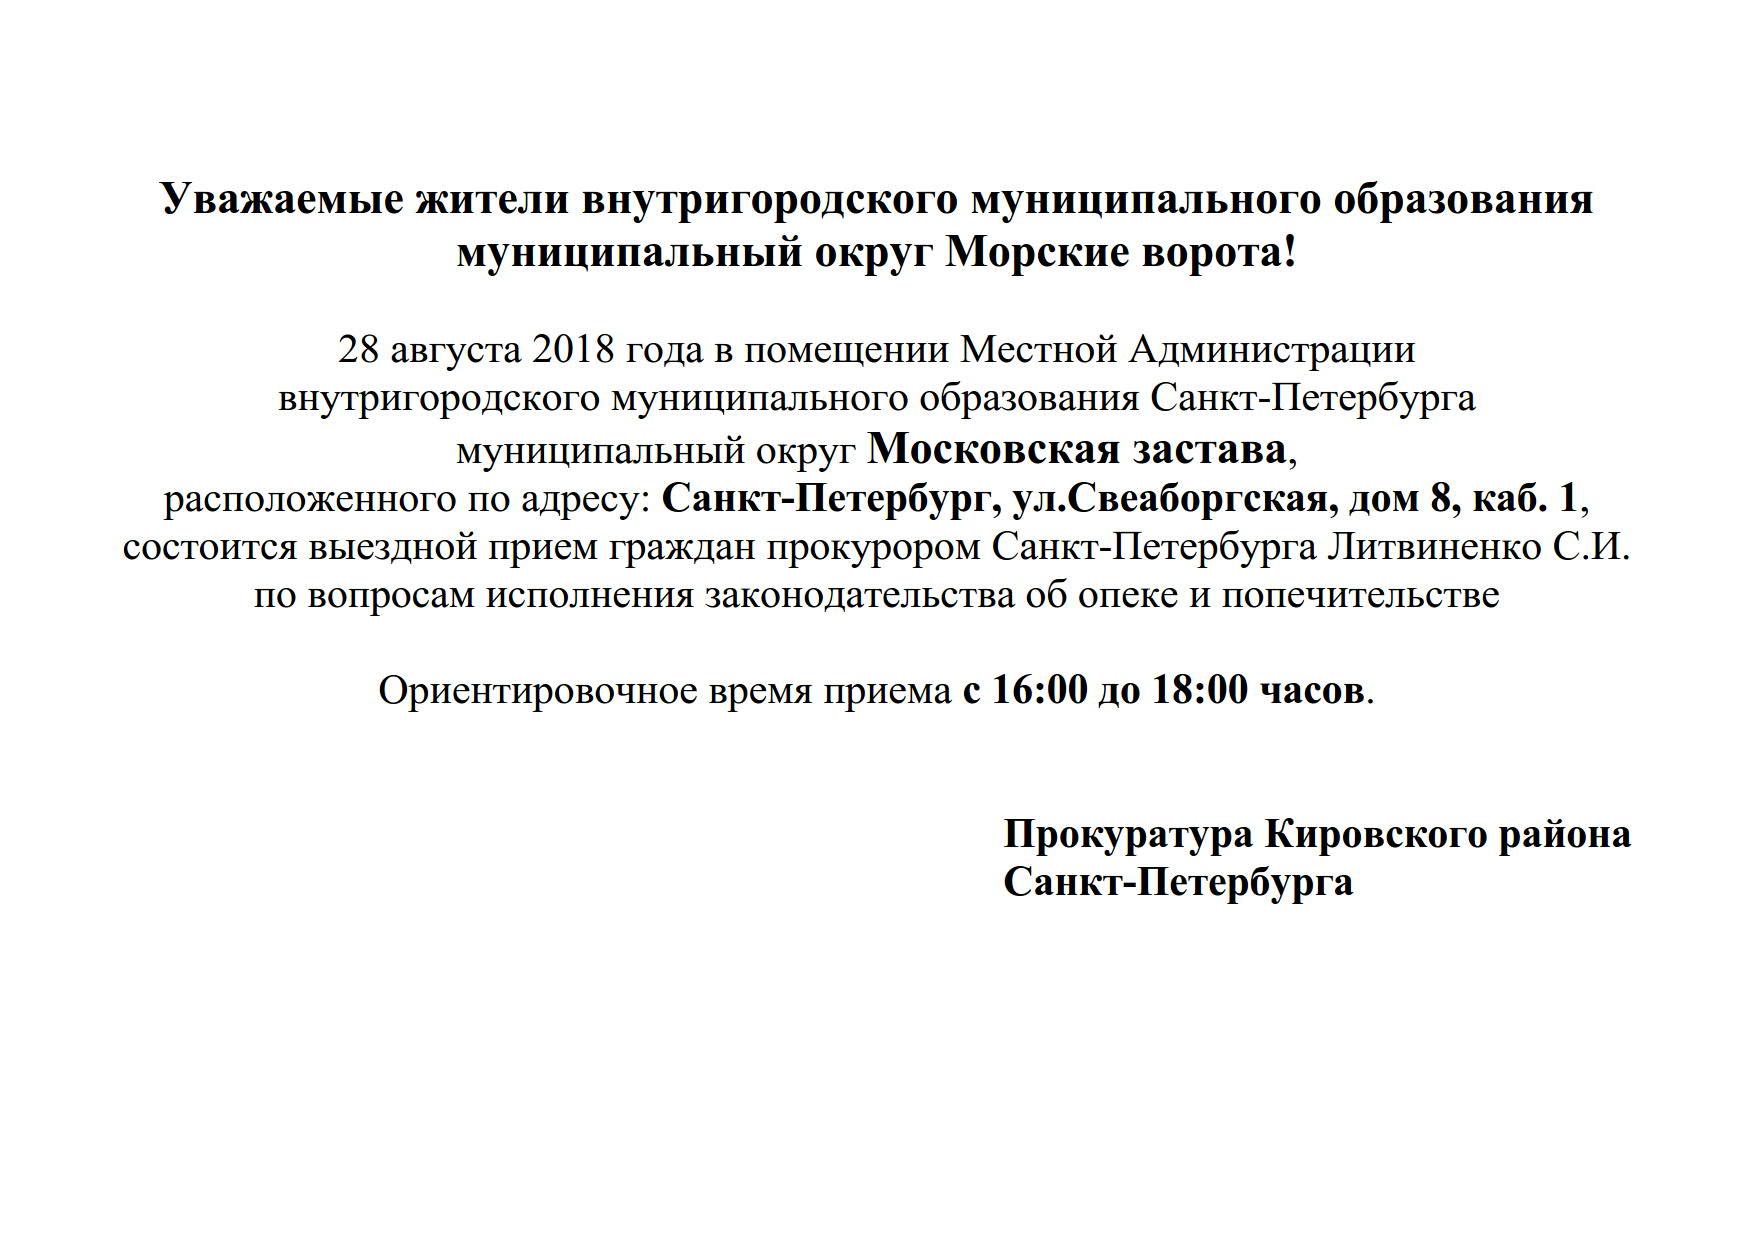 Личный прием Литвиненко-28.09.18_1